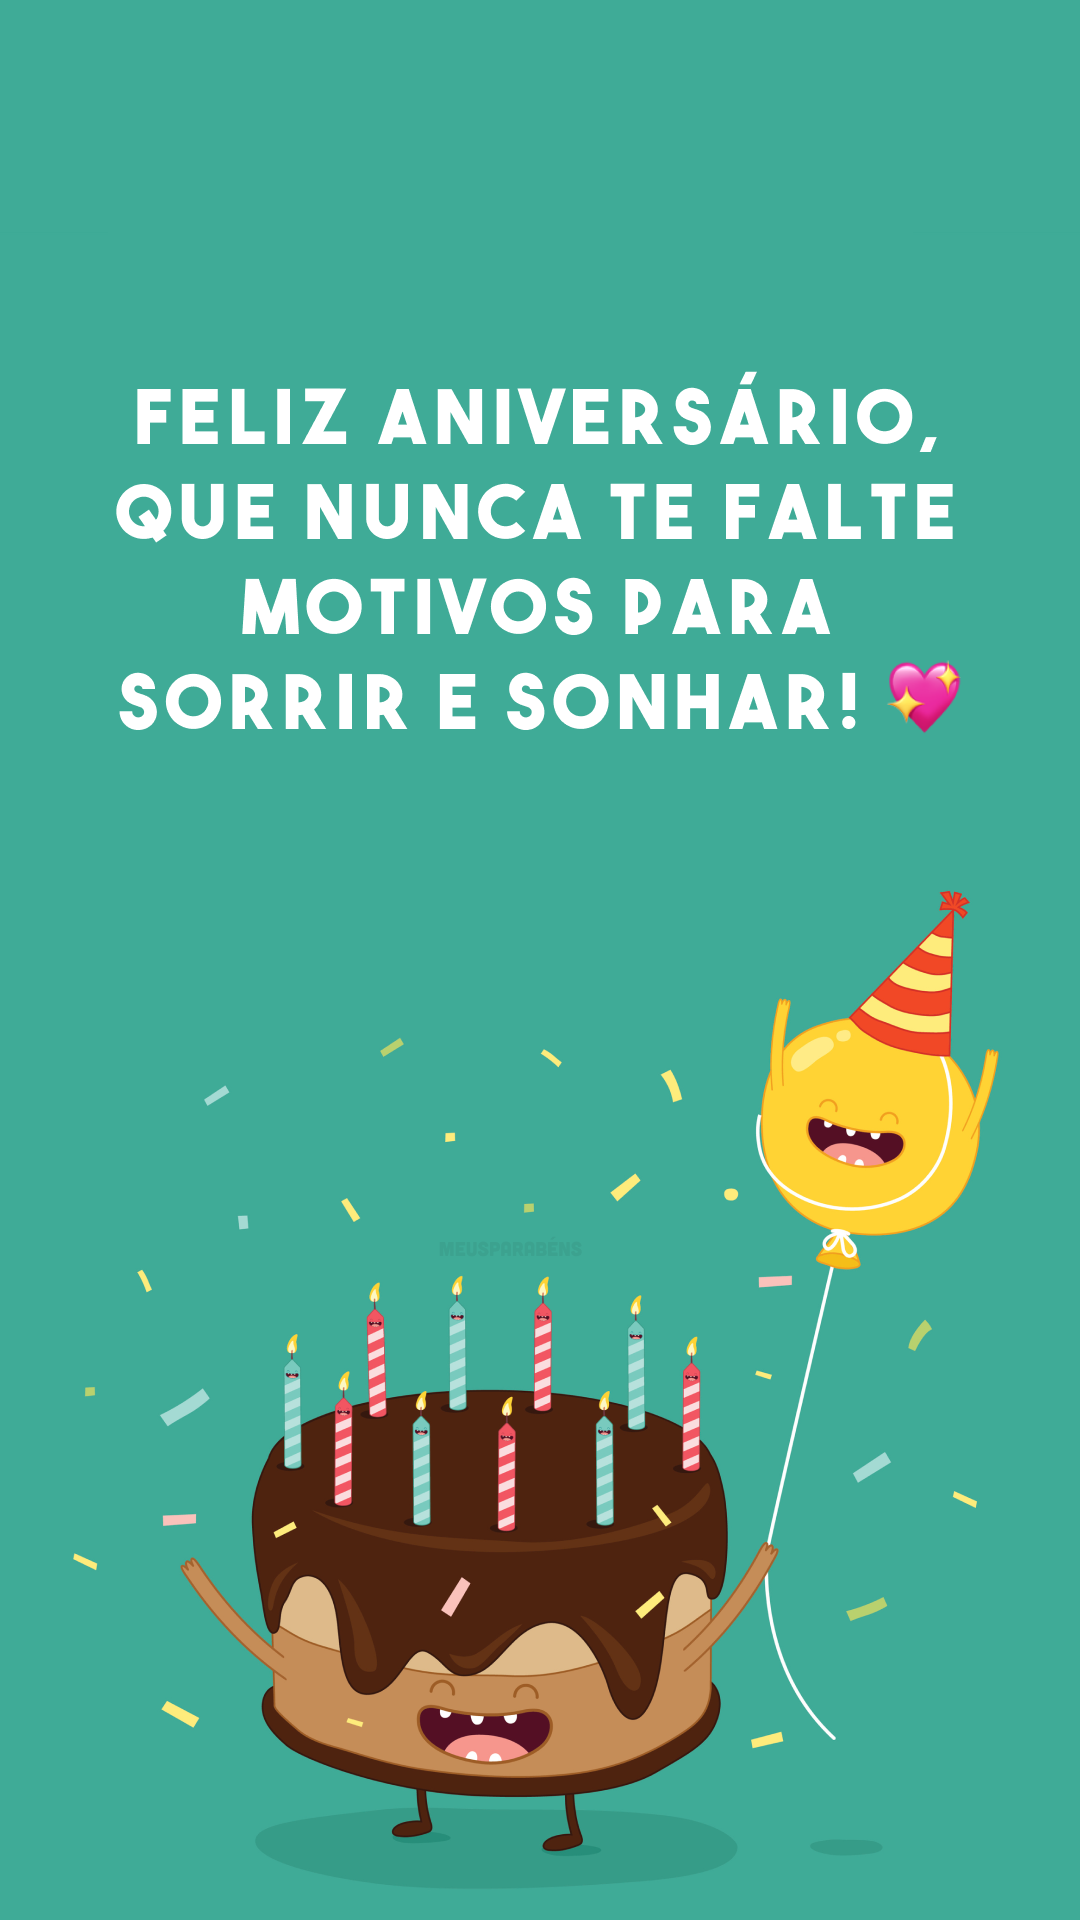 Feliz aniversário, que nunca te falte motivos para sorrir e sonhar! 💖